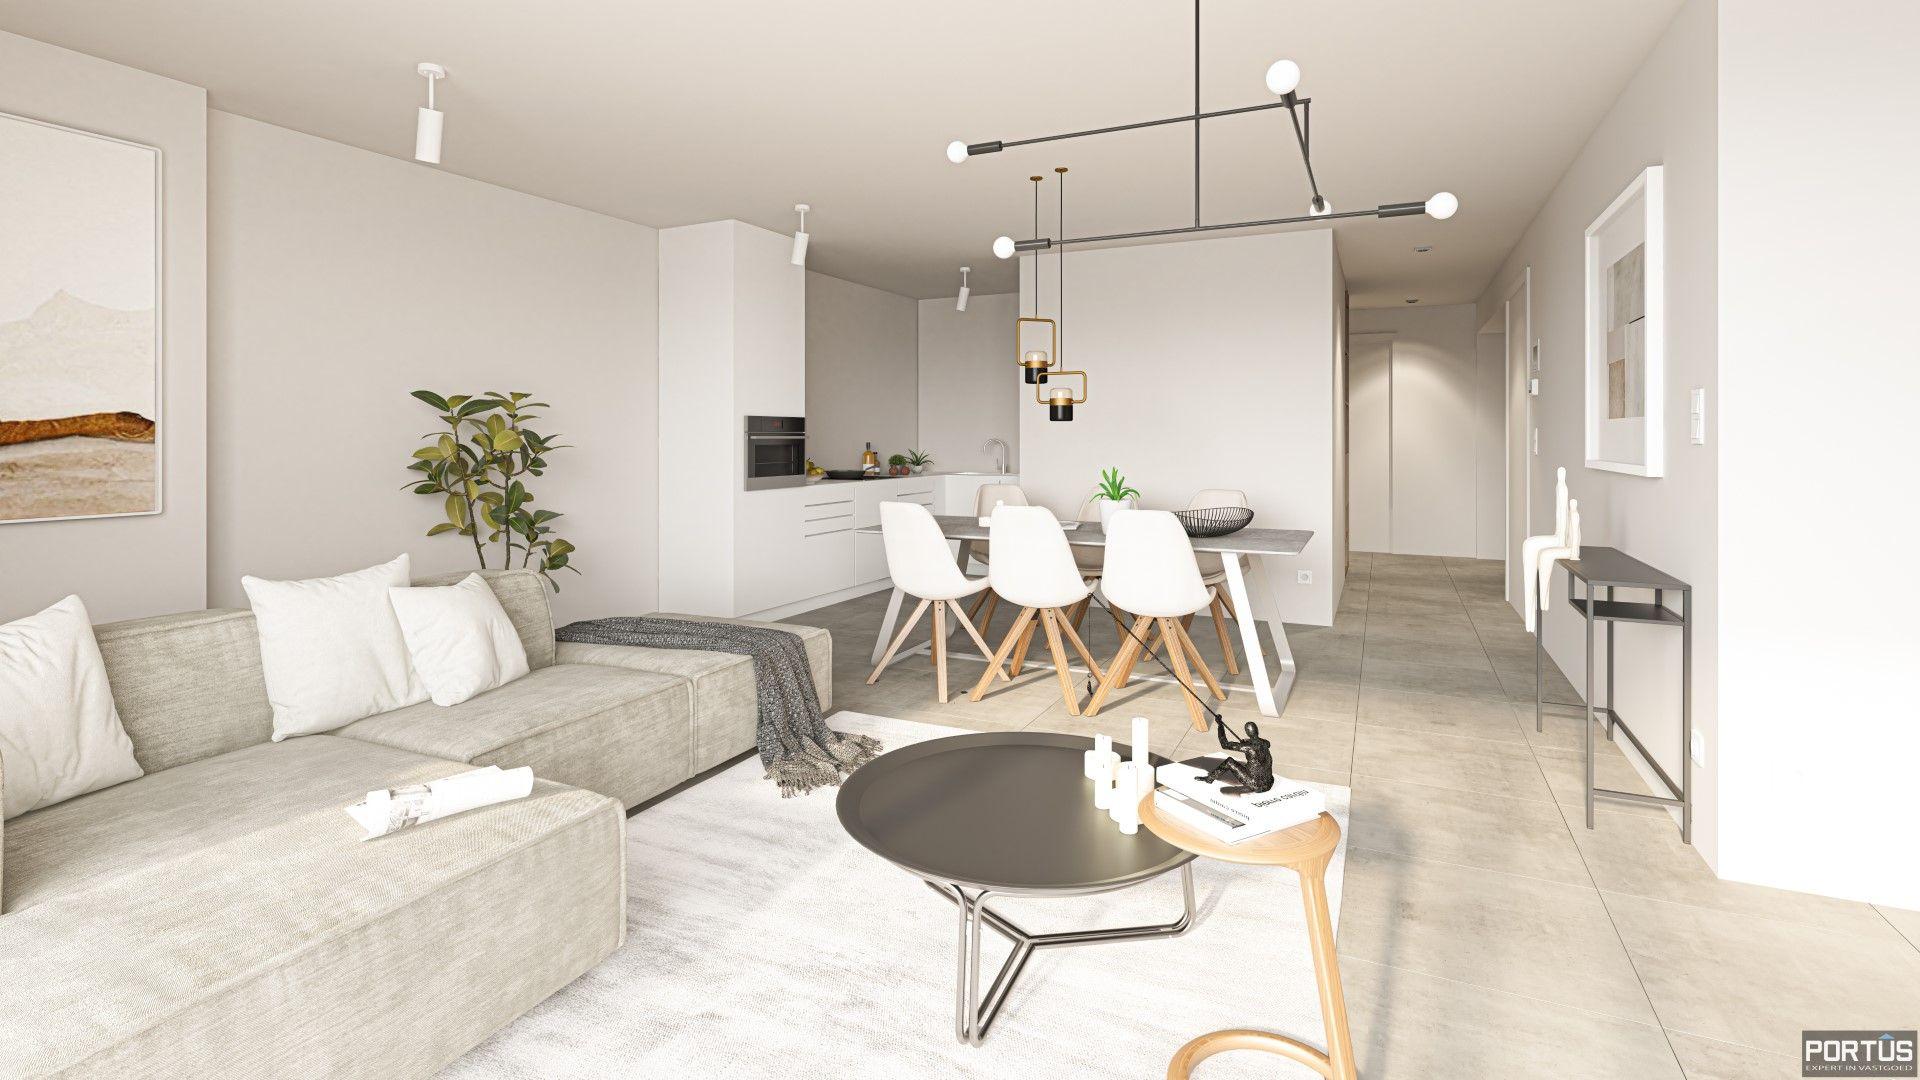 Appartement te koop Lombardsijde - 13382